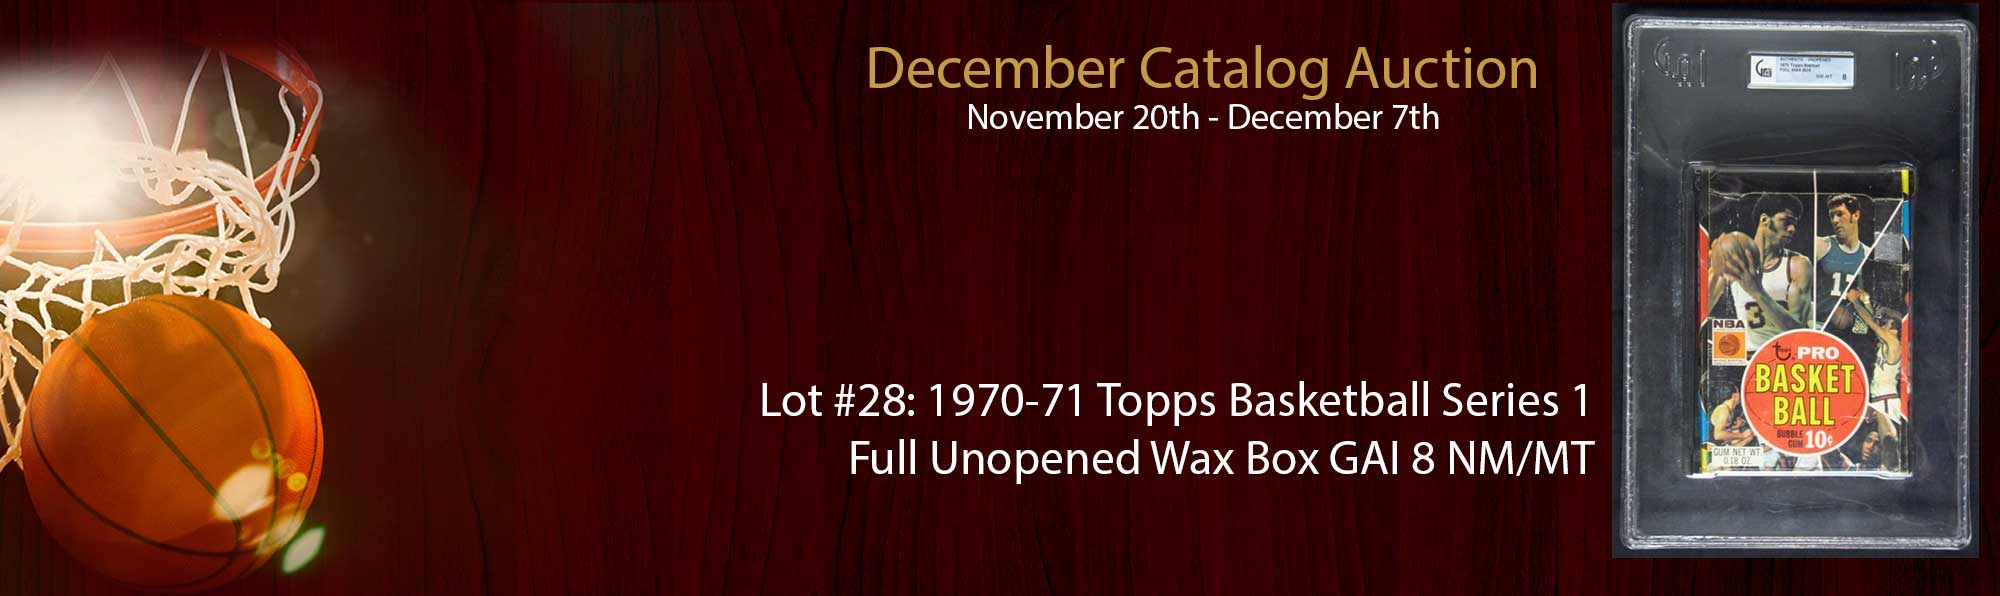 1970-71 Topps Basketball Series 1 Full Unopened Wax Box GAI 8 NM/MT